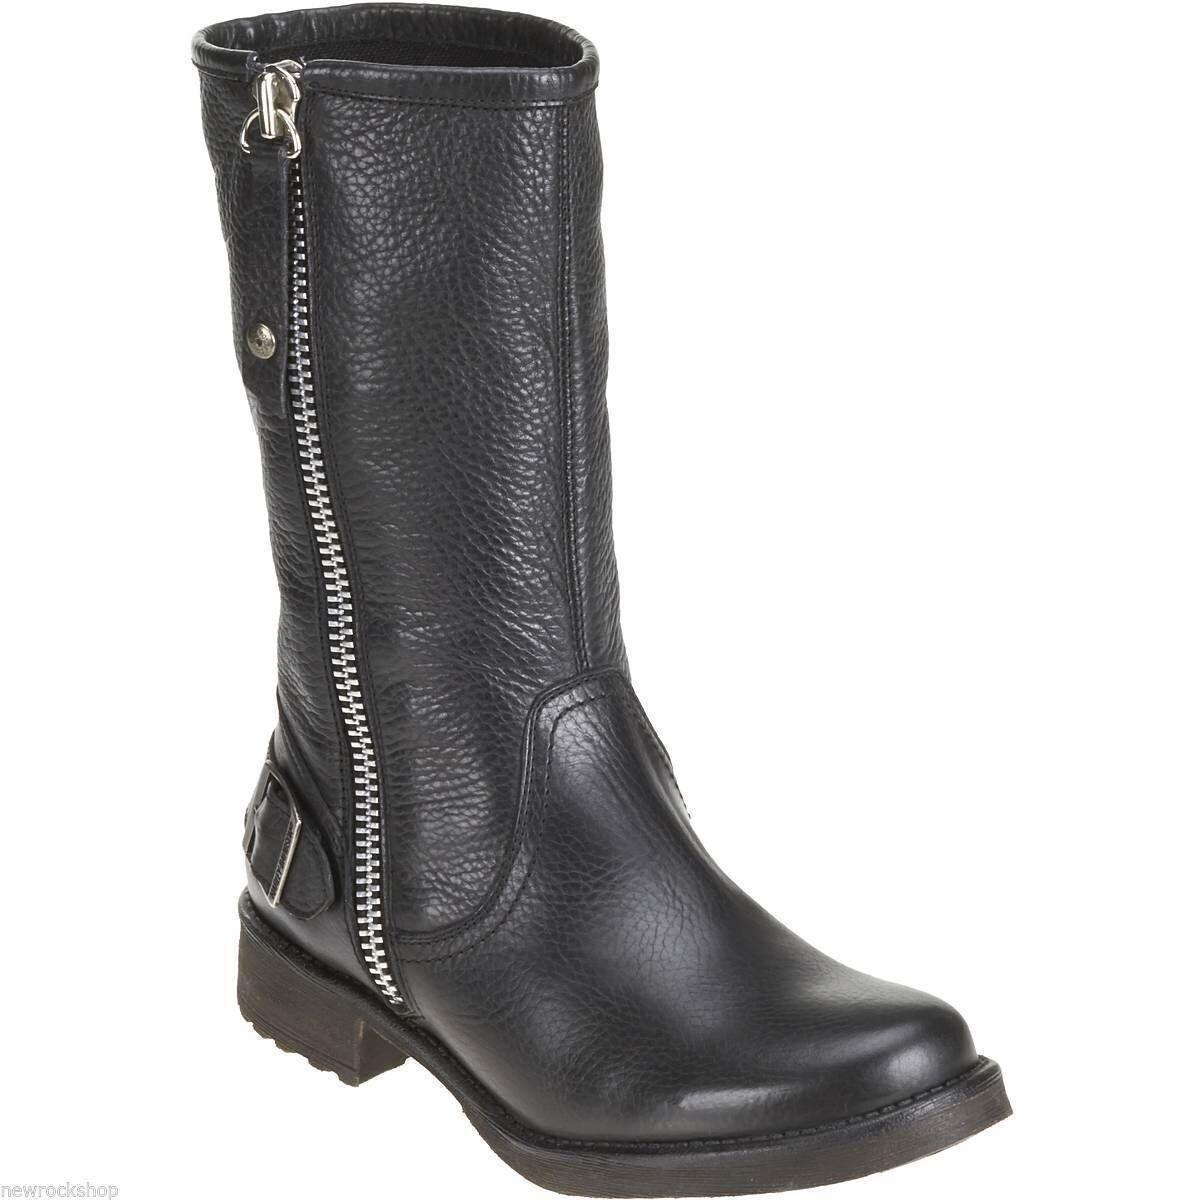 Mina damer träs Harley David Babisley, svart läder -zip -zip -zip på mitten av Calif Picker stövlar.  grossistaffär